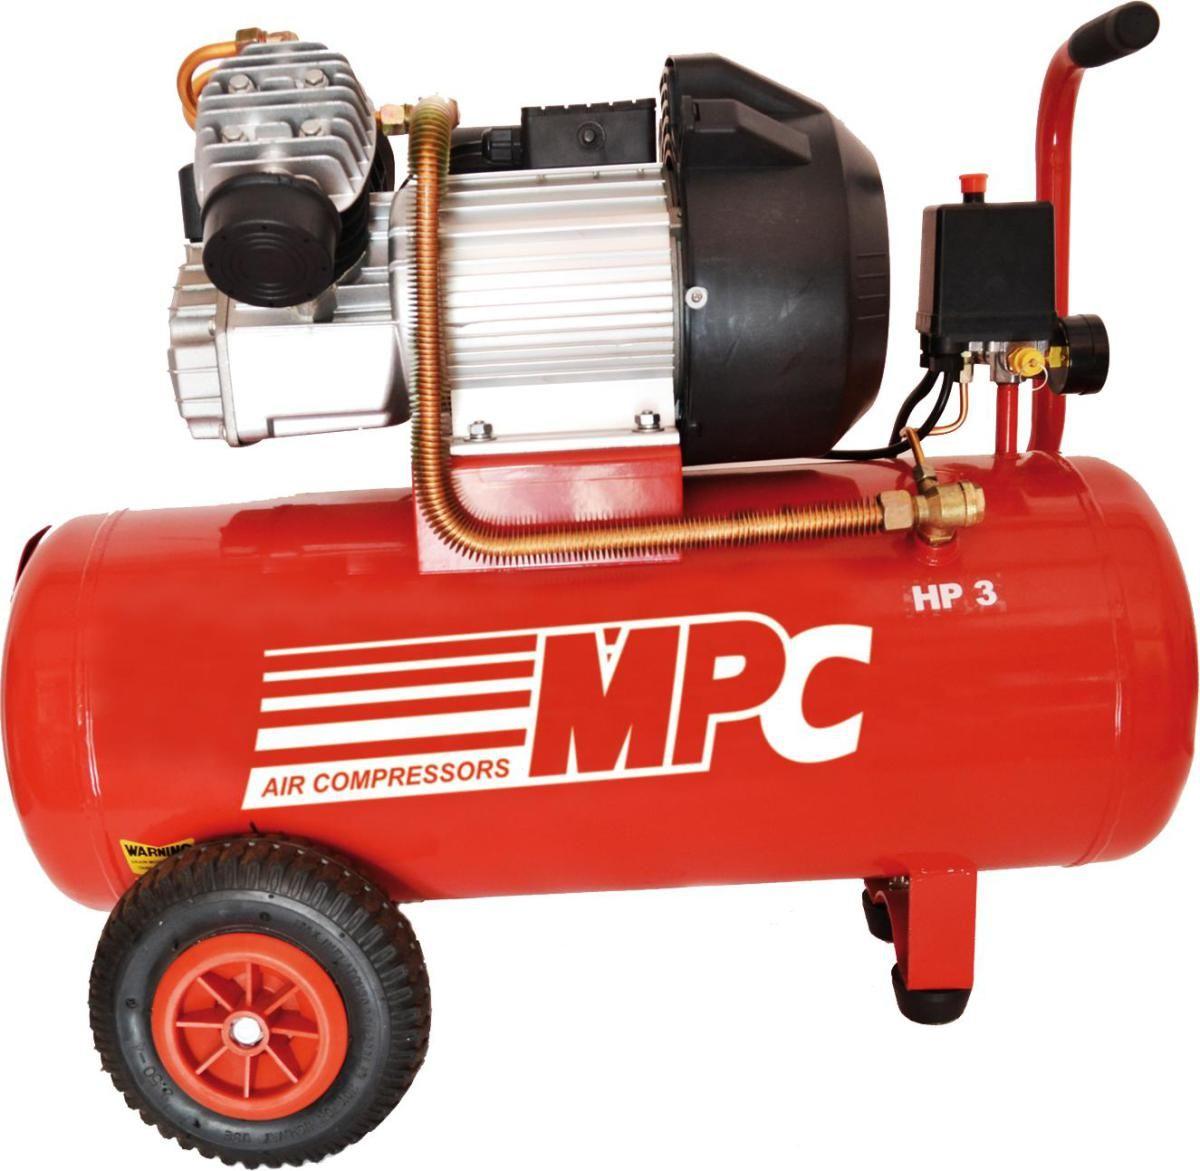 Compresor Coaxial MPC CDV350 3Hp 50Lts. 8 Bar 350lts./min